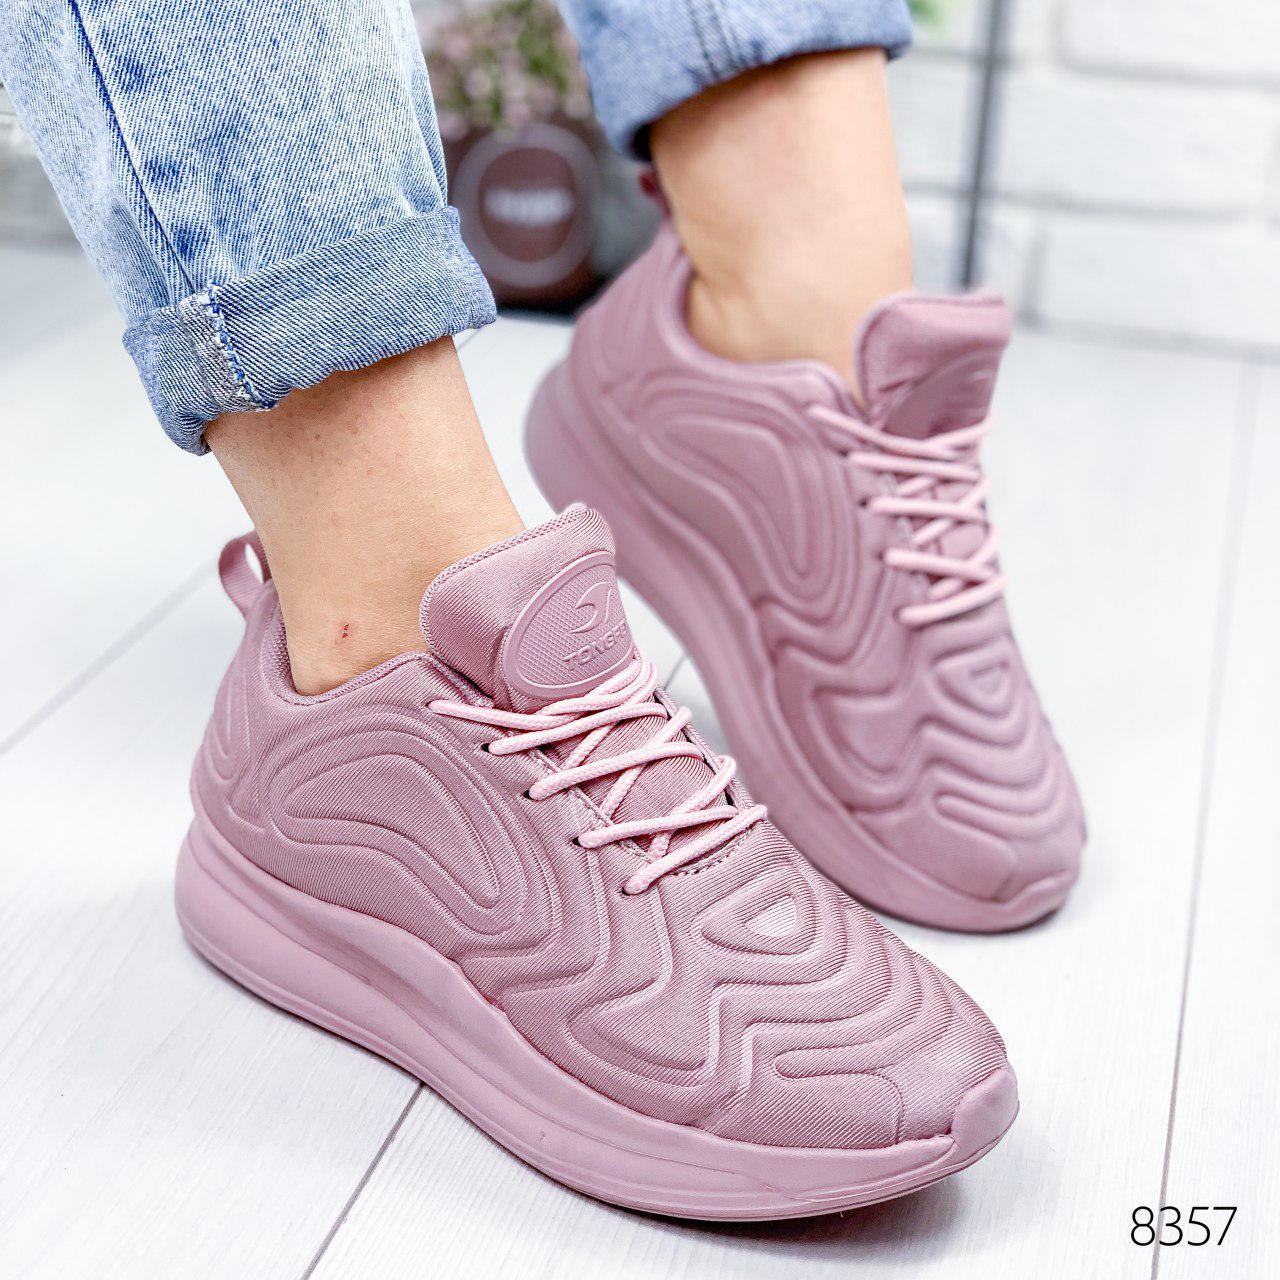 """Кроссовки женские """"Stavle"""" лилового цвета из текстиля. Кеды женские. Мокасины женские. Обувь женская"""